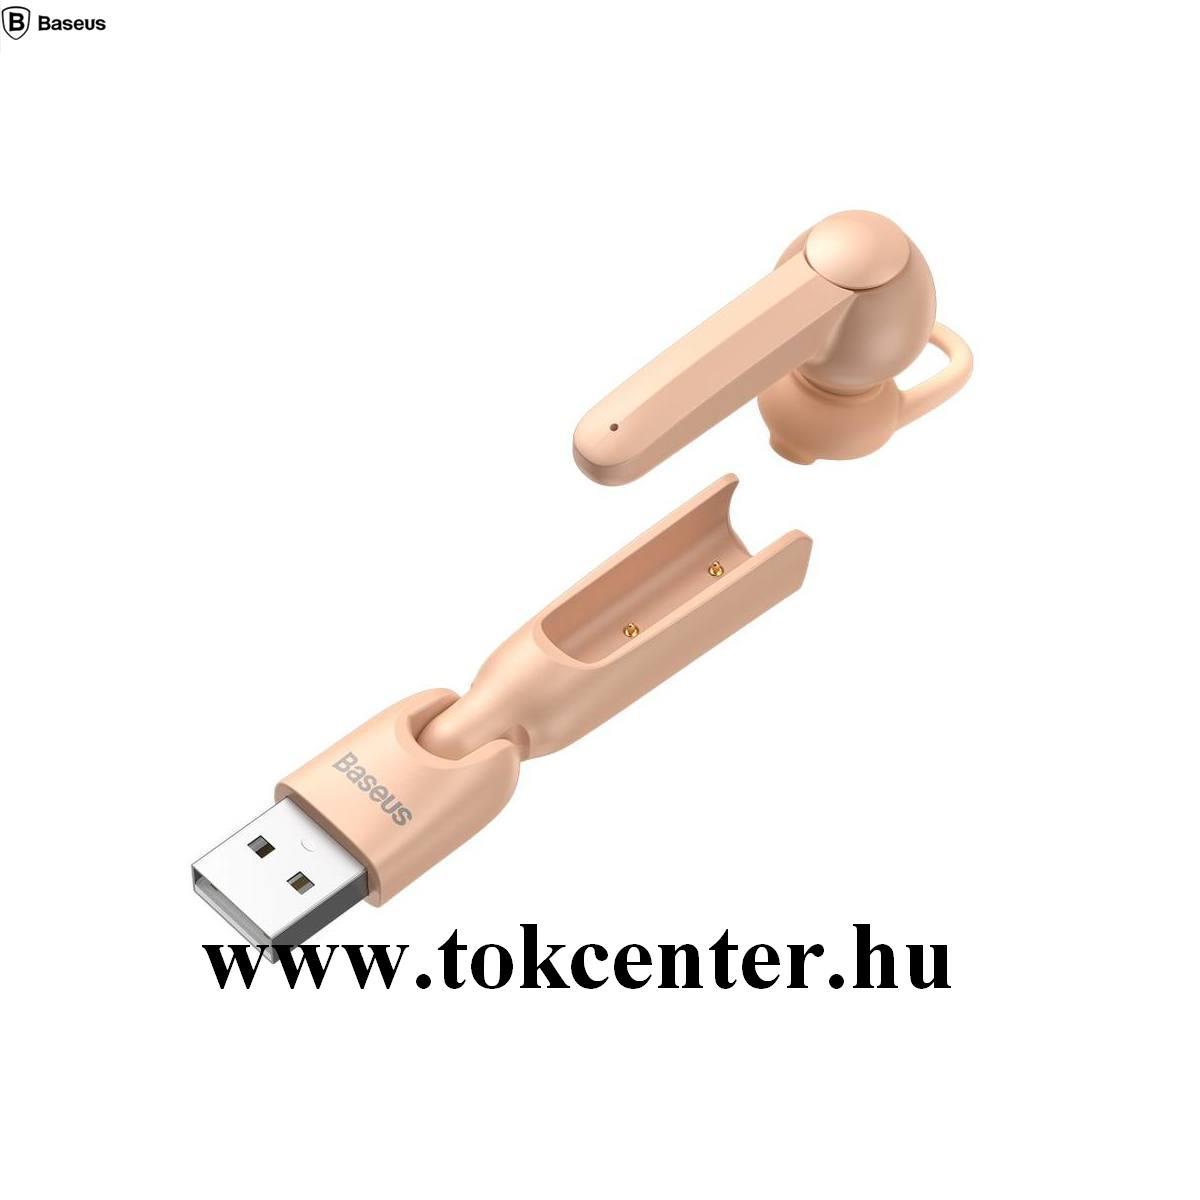 BASEUS ENCOK BLUETOOTH fülhallgató MONO (mikrofon, multipoint + USB töltőállomás) RÓZSASZÍN